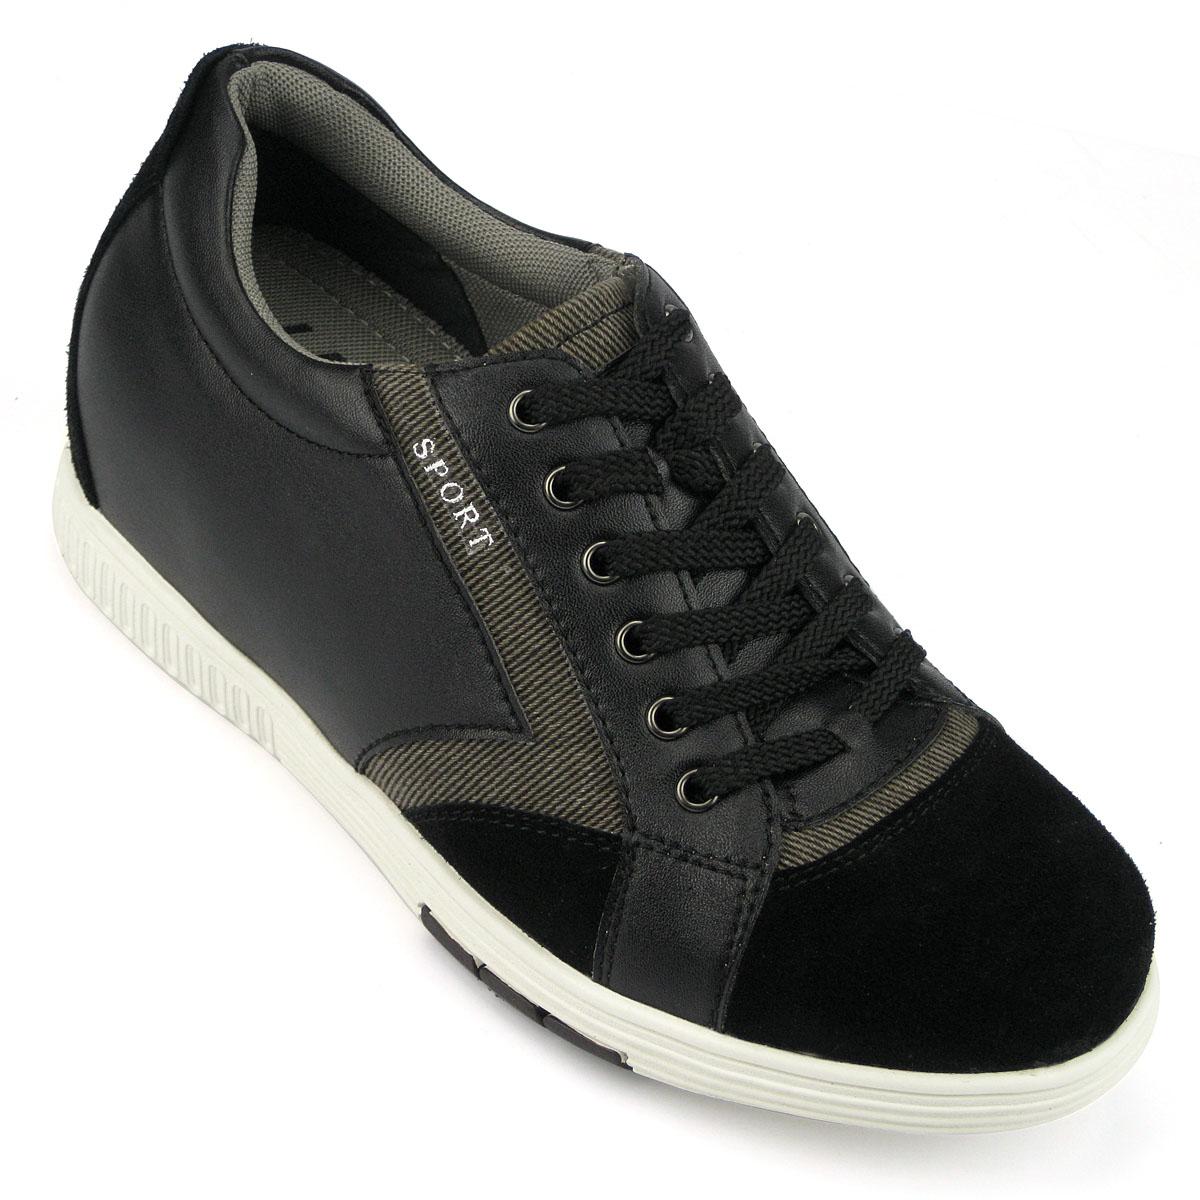 男士增高鞋 内增高板鞋 内增高6.5cm 黑色 商品货号:LK70H17-1【乐昂】